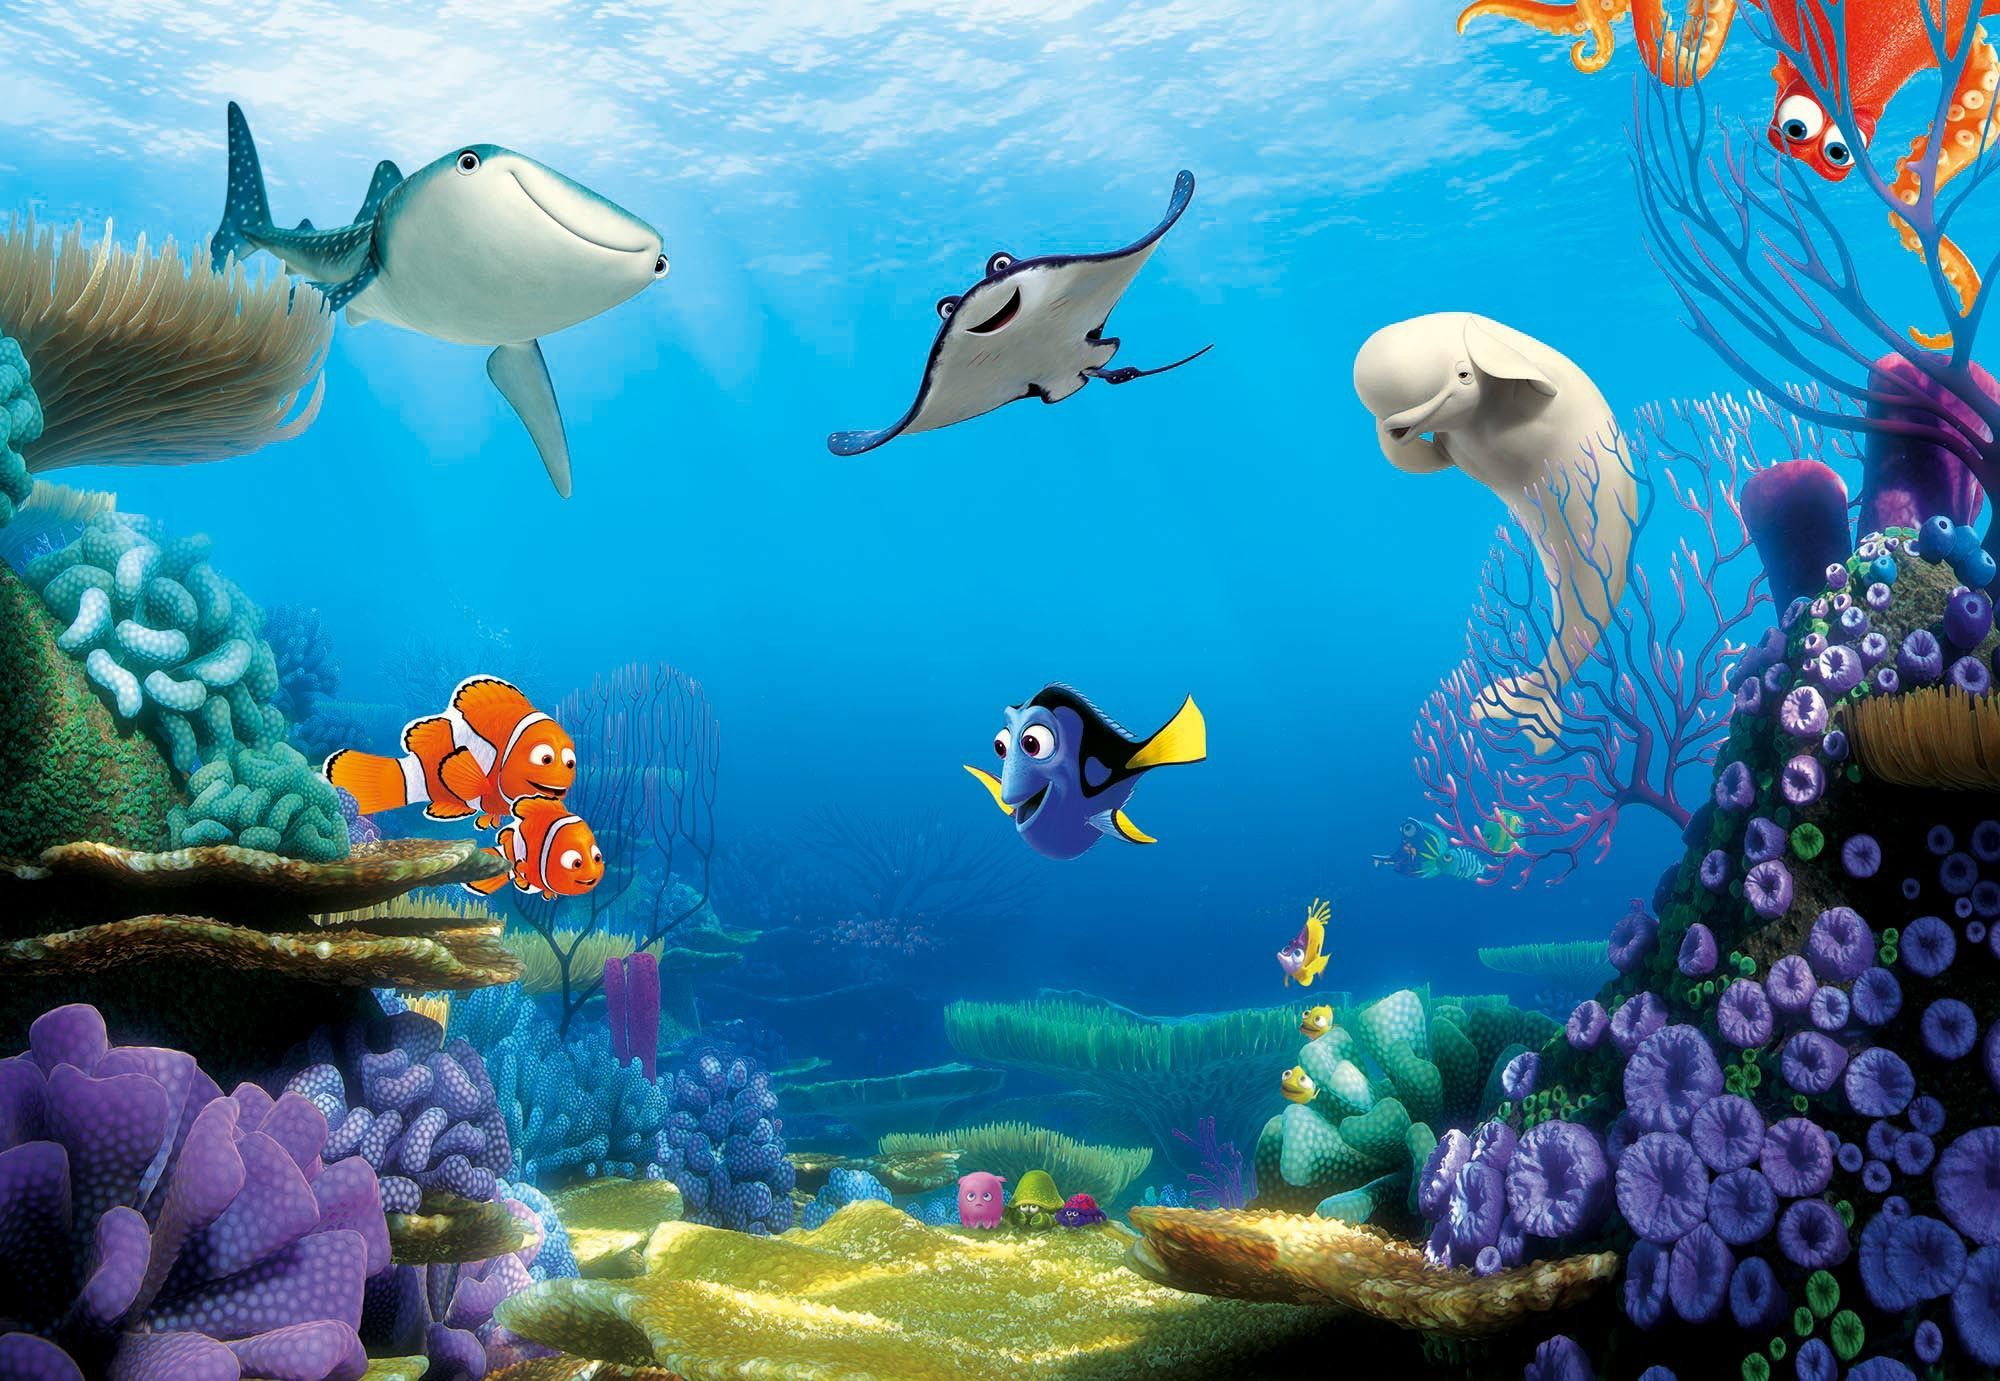 Finding Dory Disney Paper Wallpaper Mural 2 6486 P Jpg 2000 1381 Disney Finding Nemo Art Finding Dory Disney Paintings